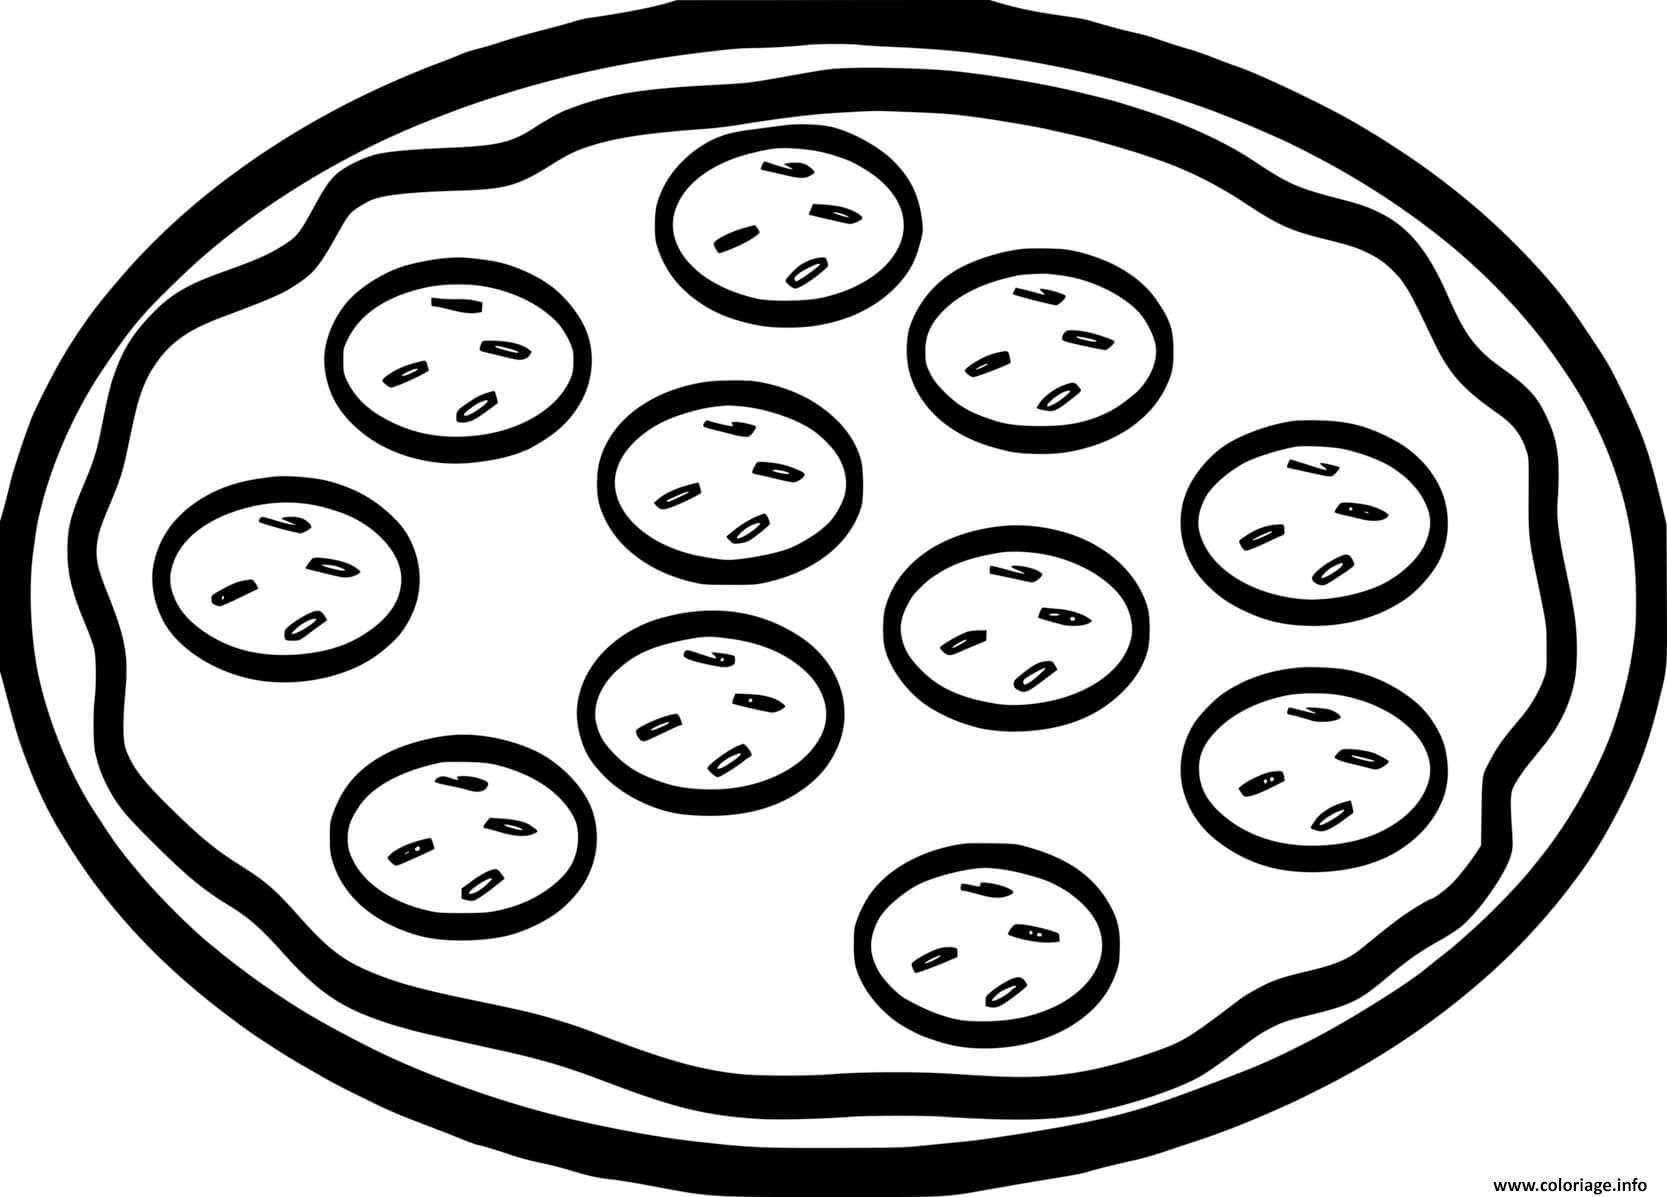 Dessin pizza tomate simple Coloriage Gratuit à Imprimer